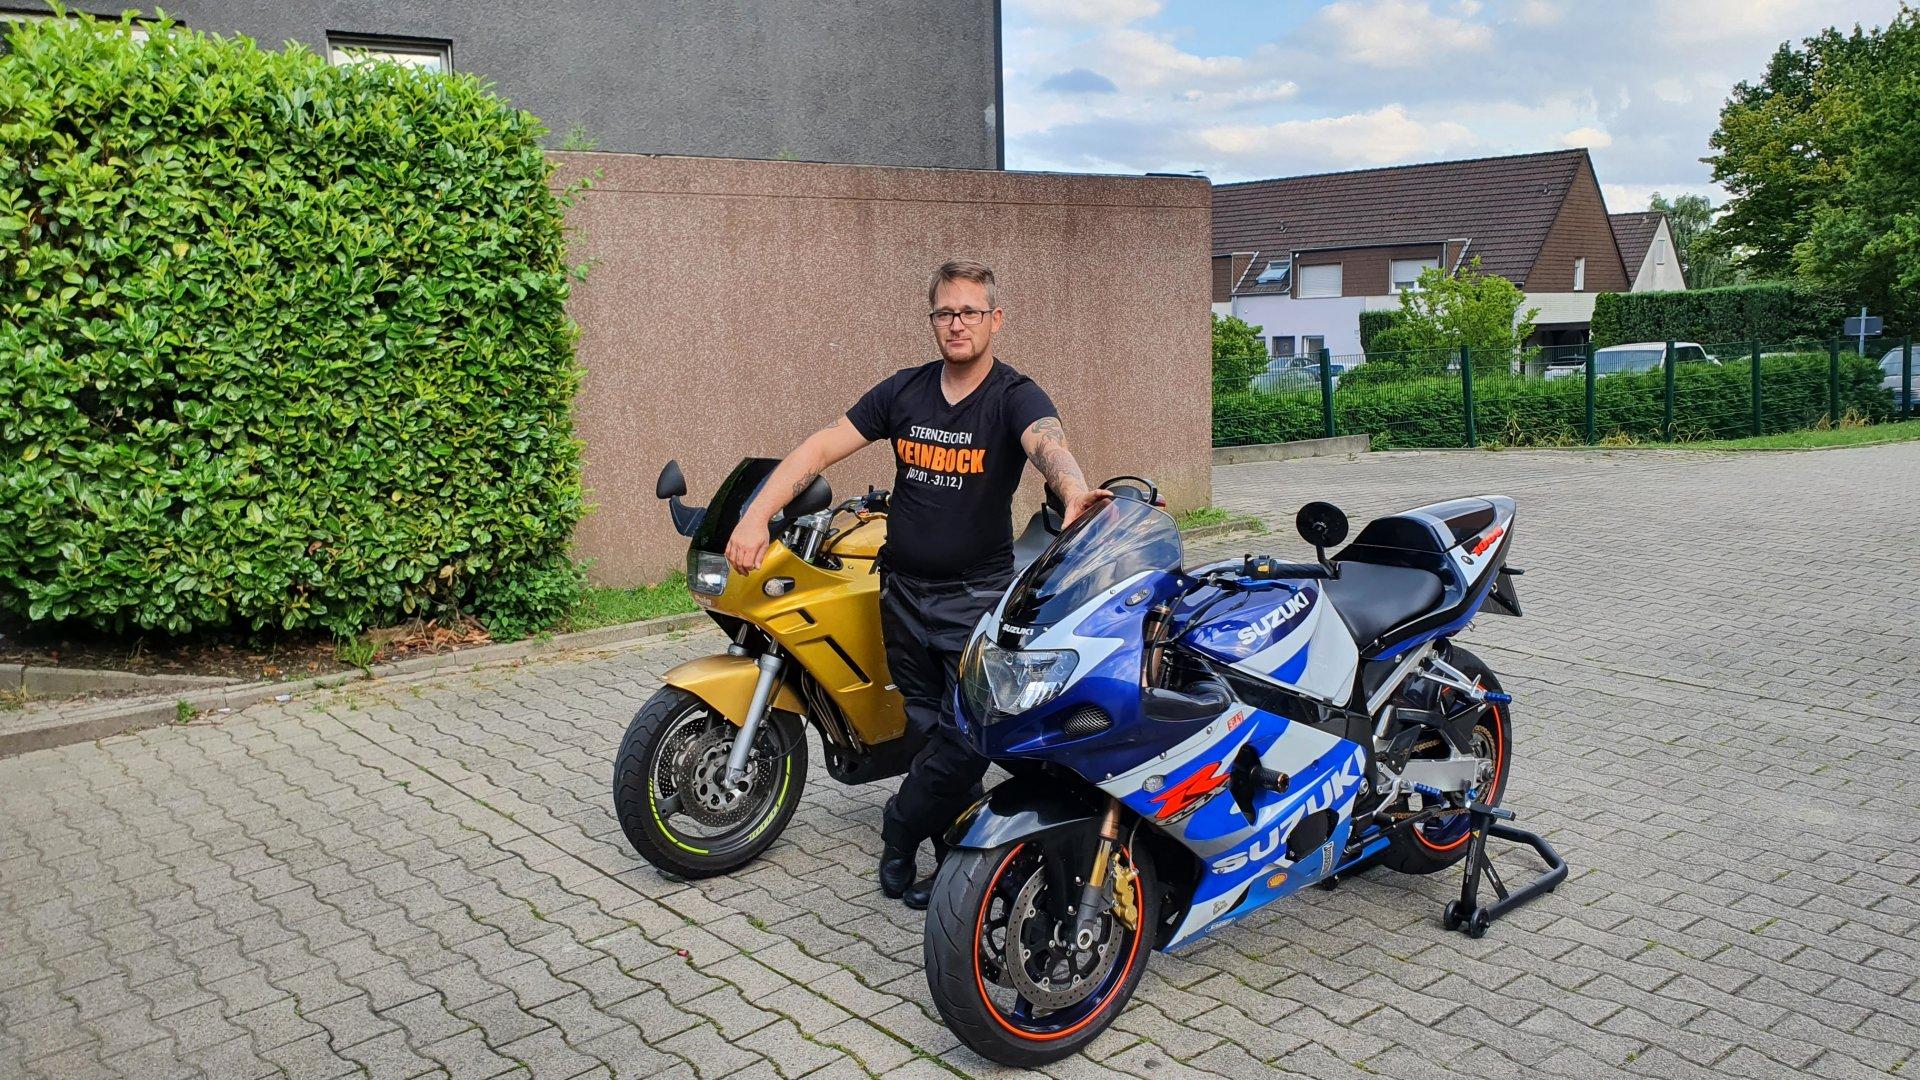 Suzukibiker85 aus Nordrhein-Westfalen,Deutschland